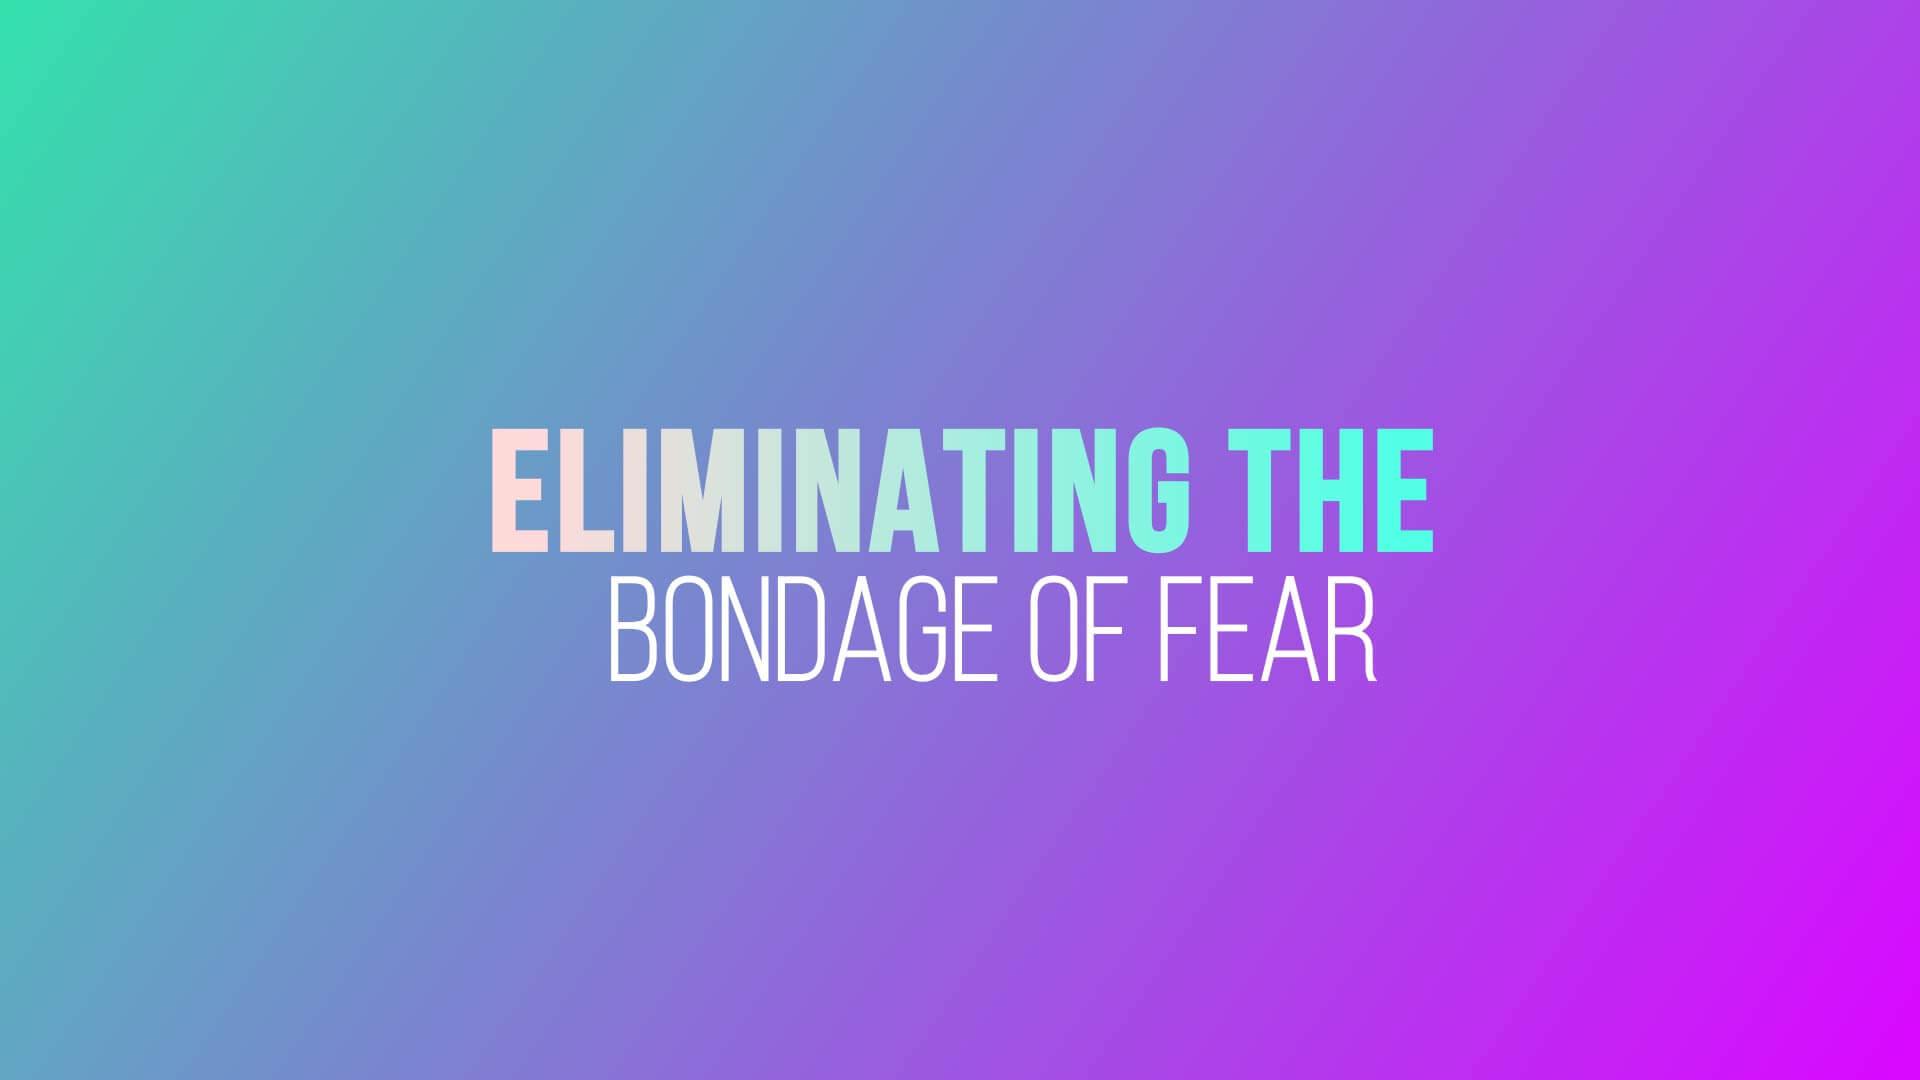 Grace Life Academy Eliminating the Bondage of Fear